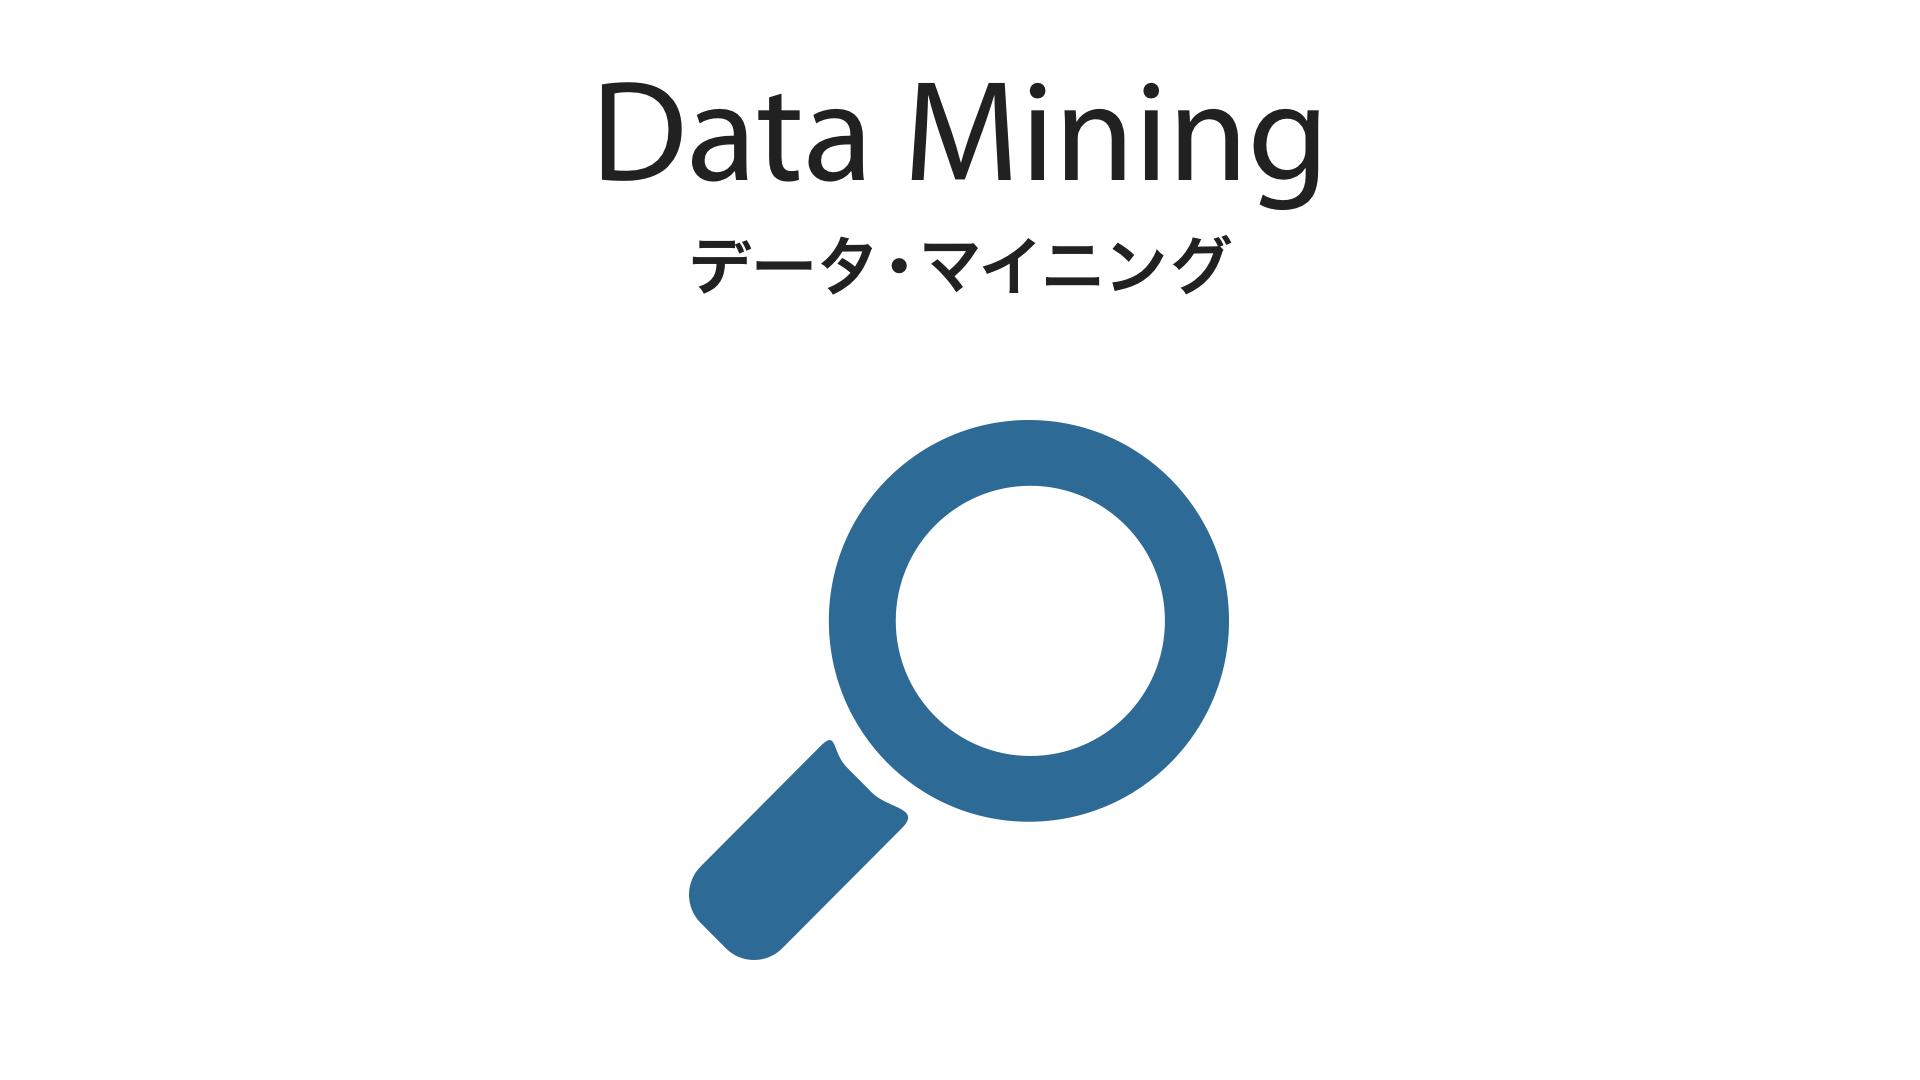 Data Mining データ・マイニング